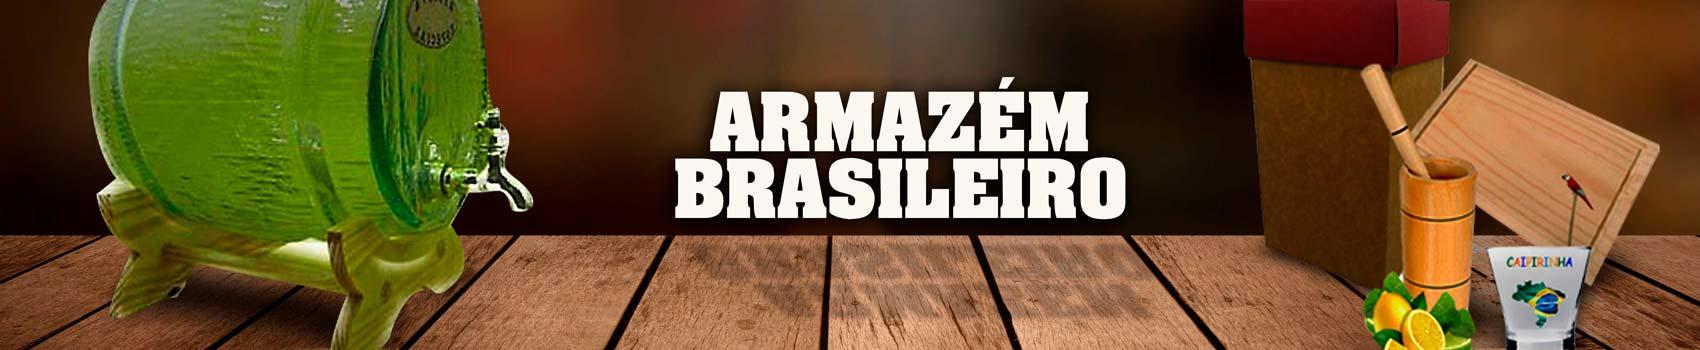 Armazém Brasileiro